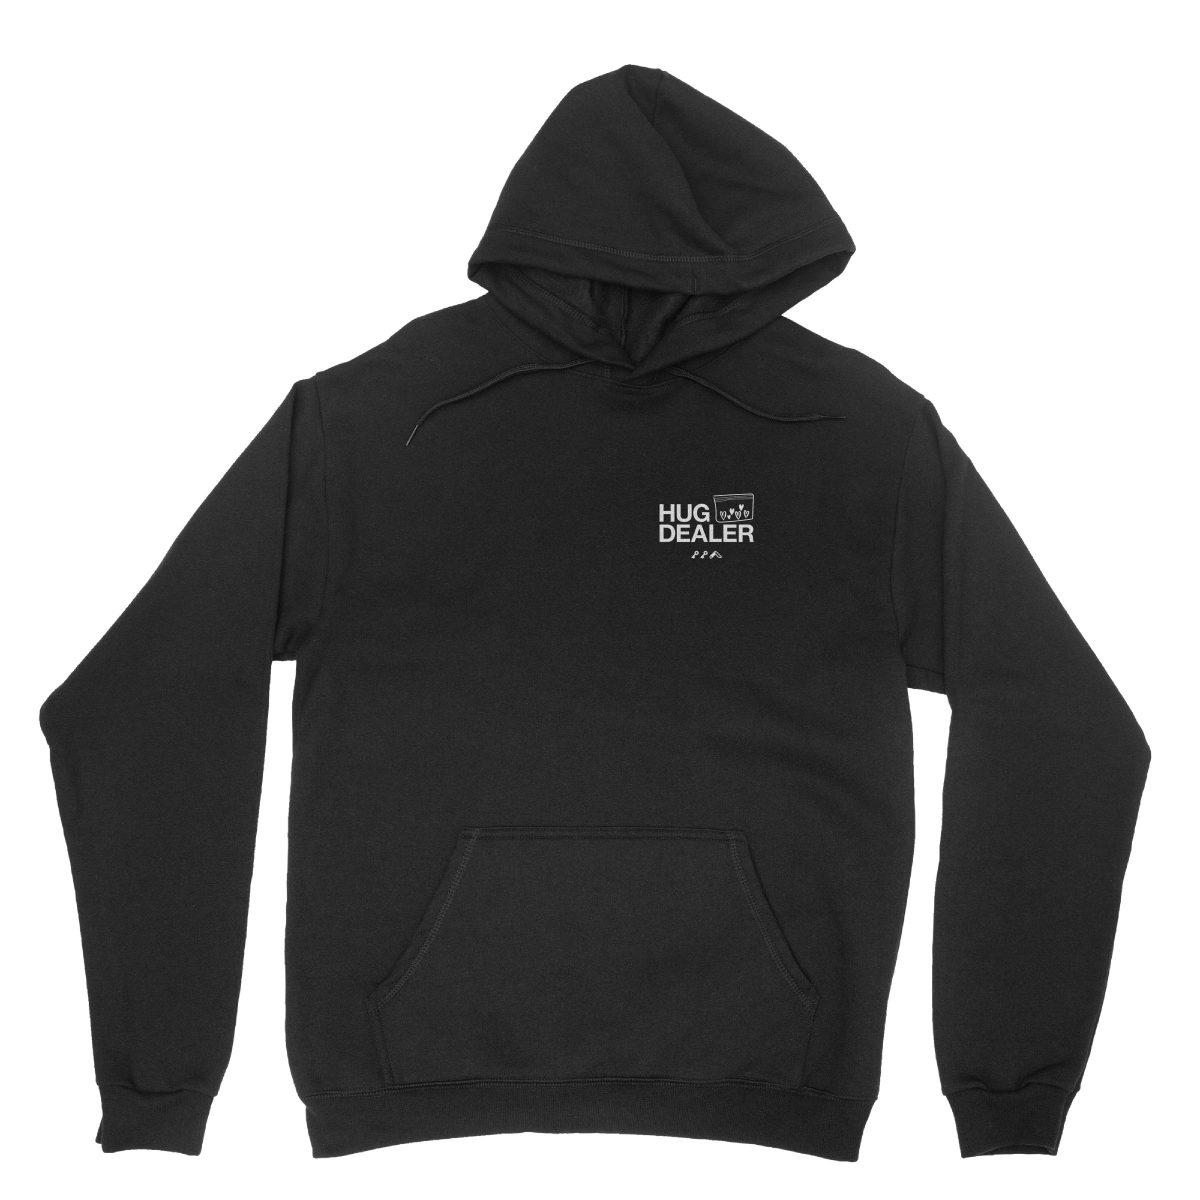 HUG DEALER hoodie in black by kikicutt sweatshirt store